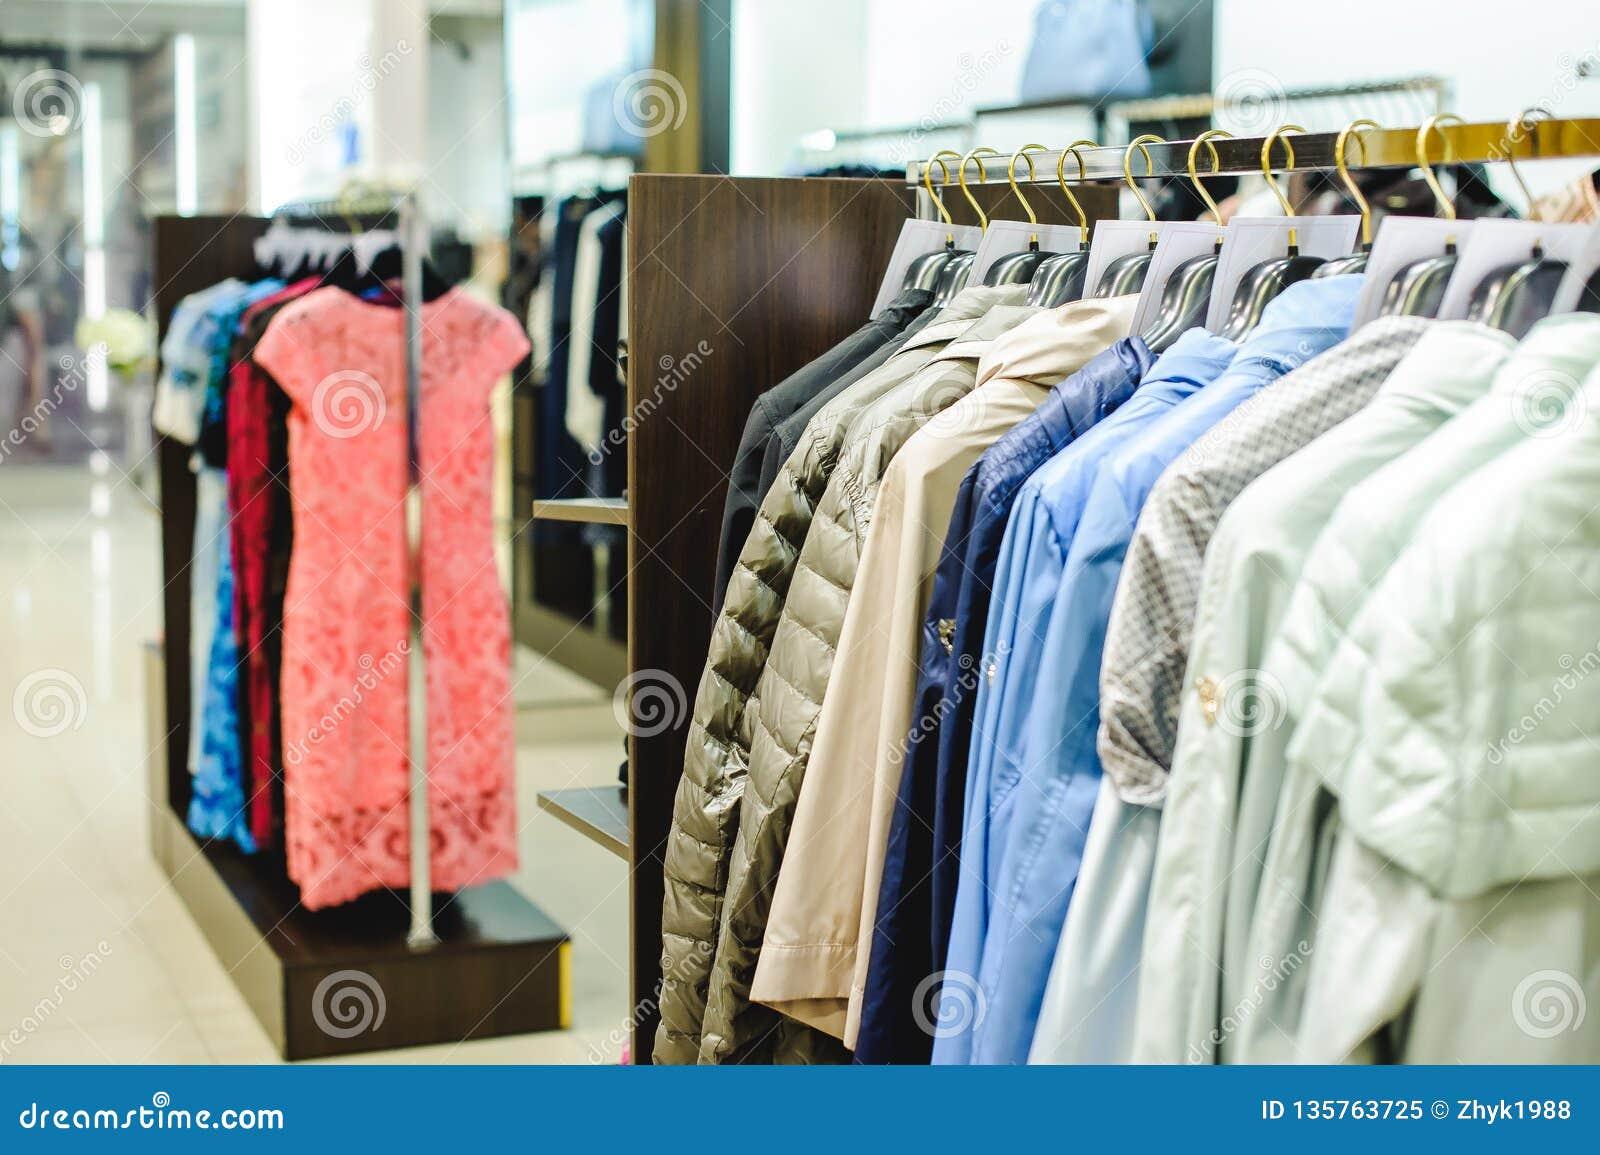 Обмундирования в магазине одежды женщин в торговом центре